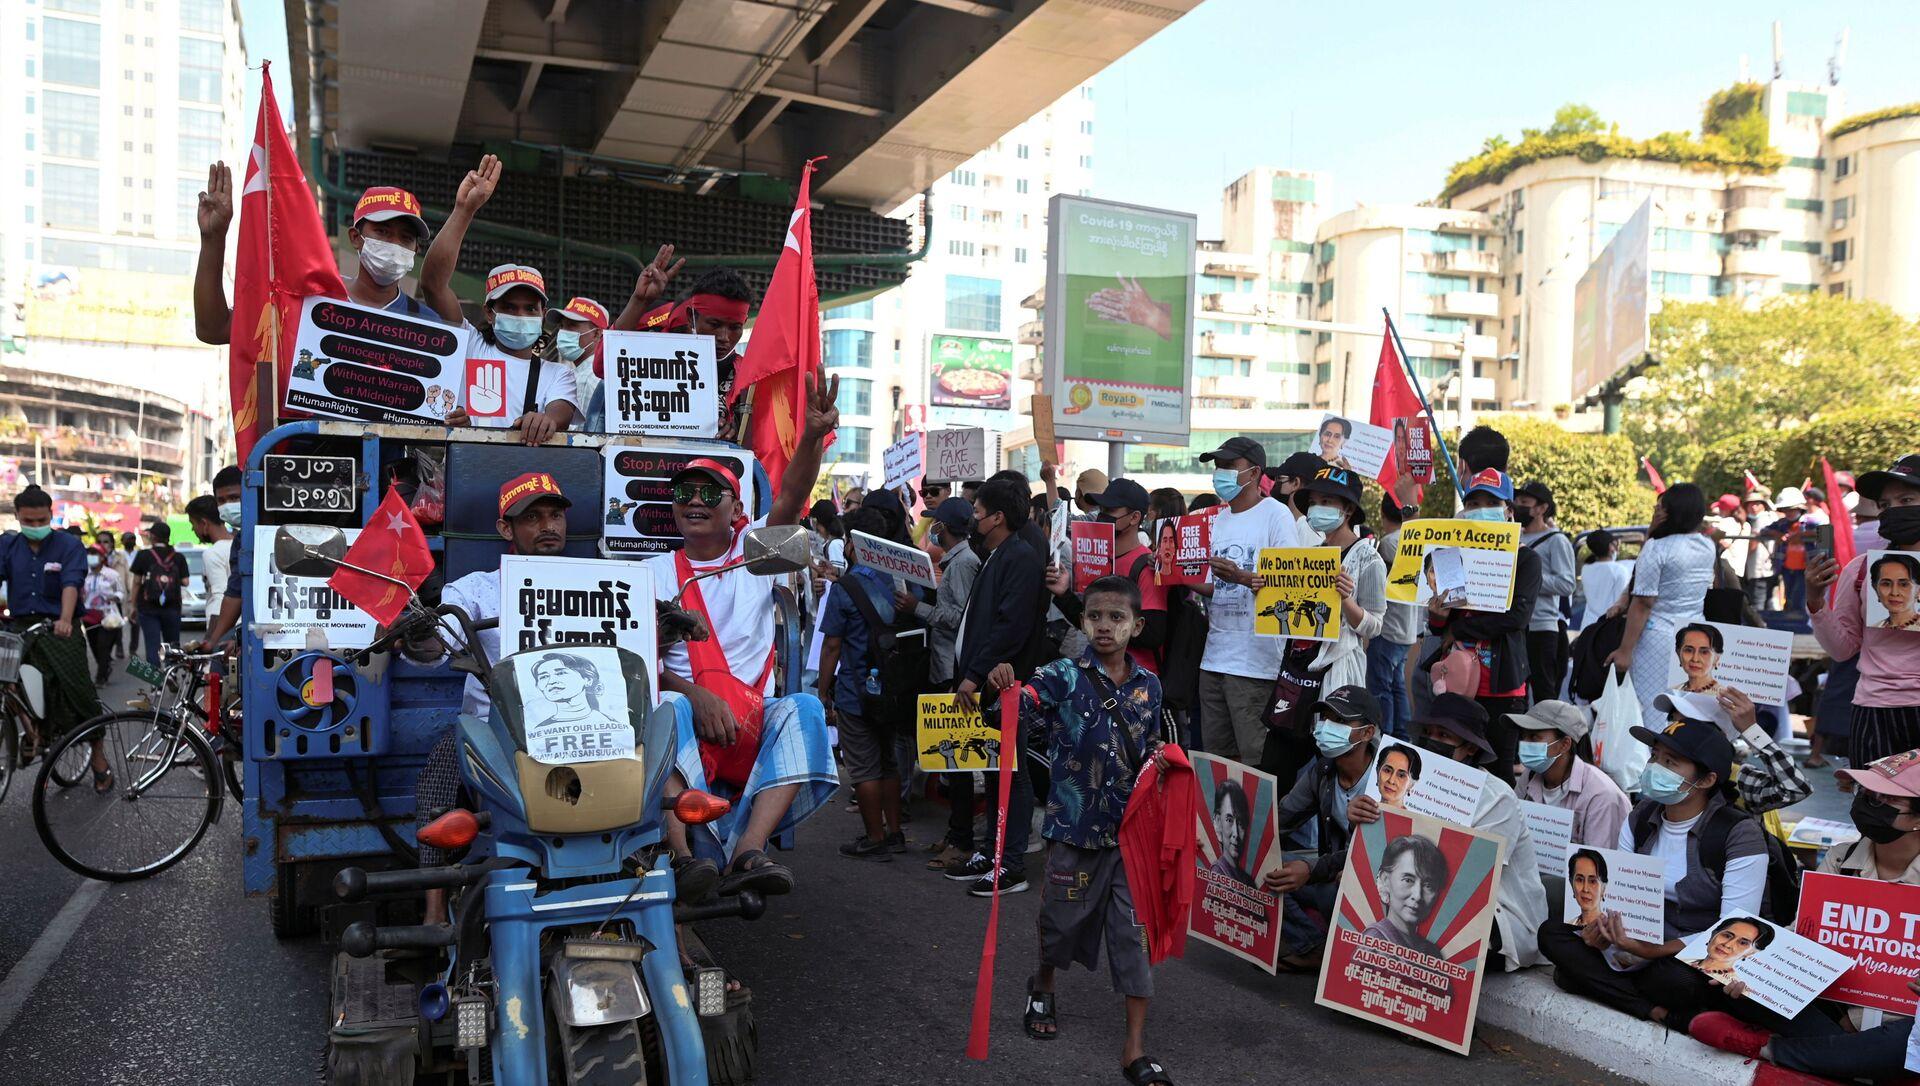 Le dimostrazioni in Myanmar contro il colpo di stato militare - Sputnik Italia, 1920, 28.02.2021